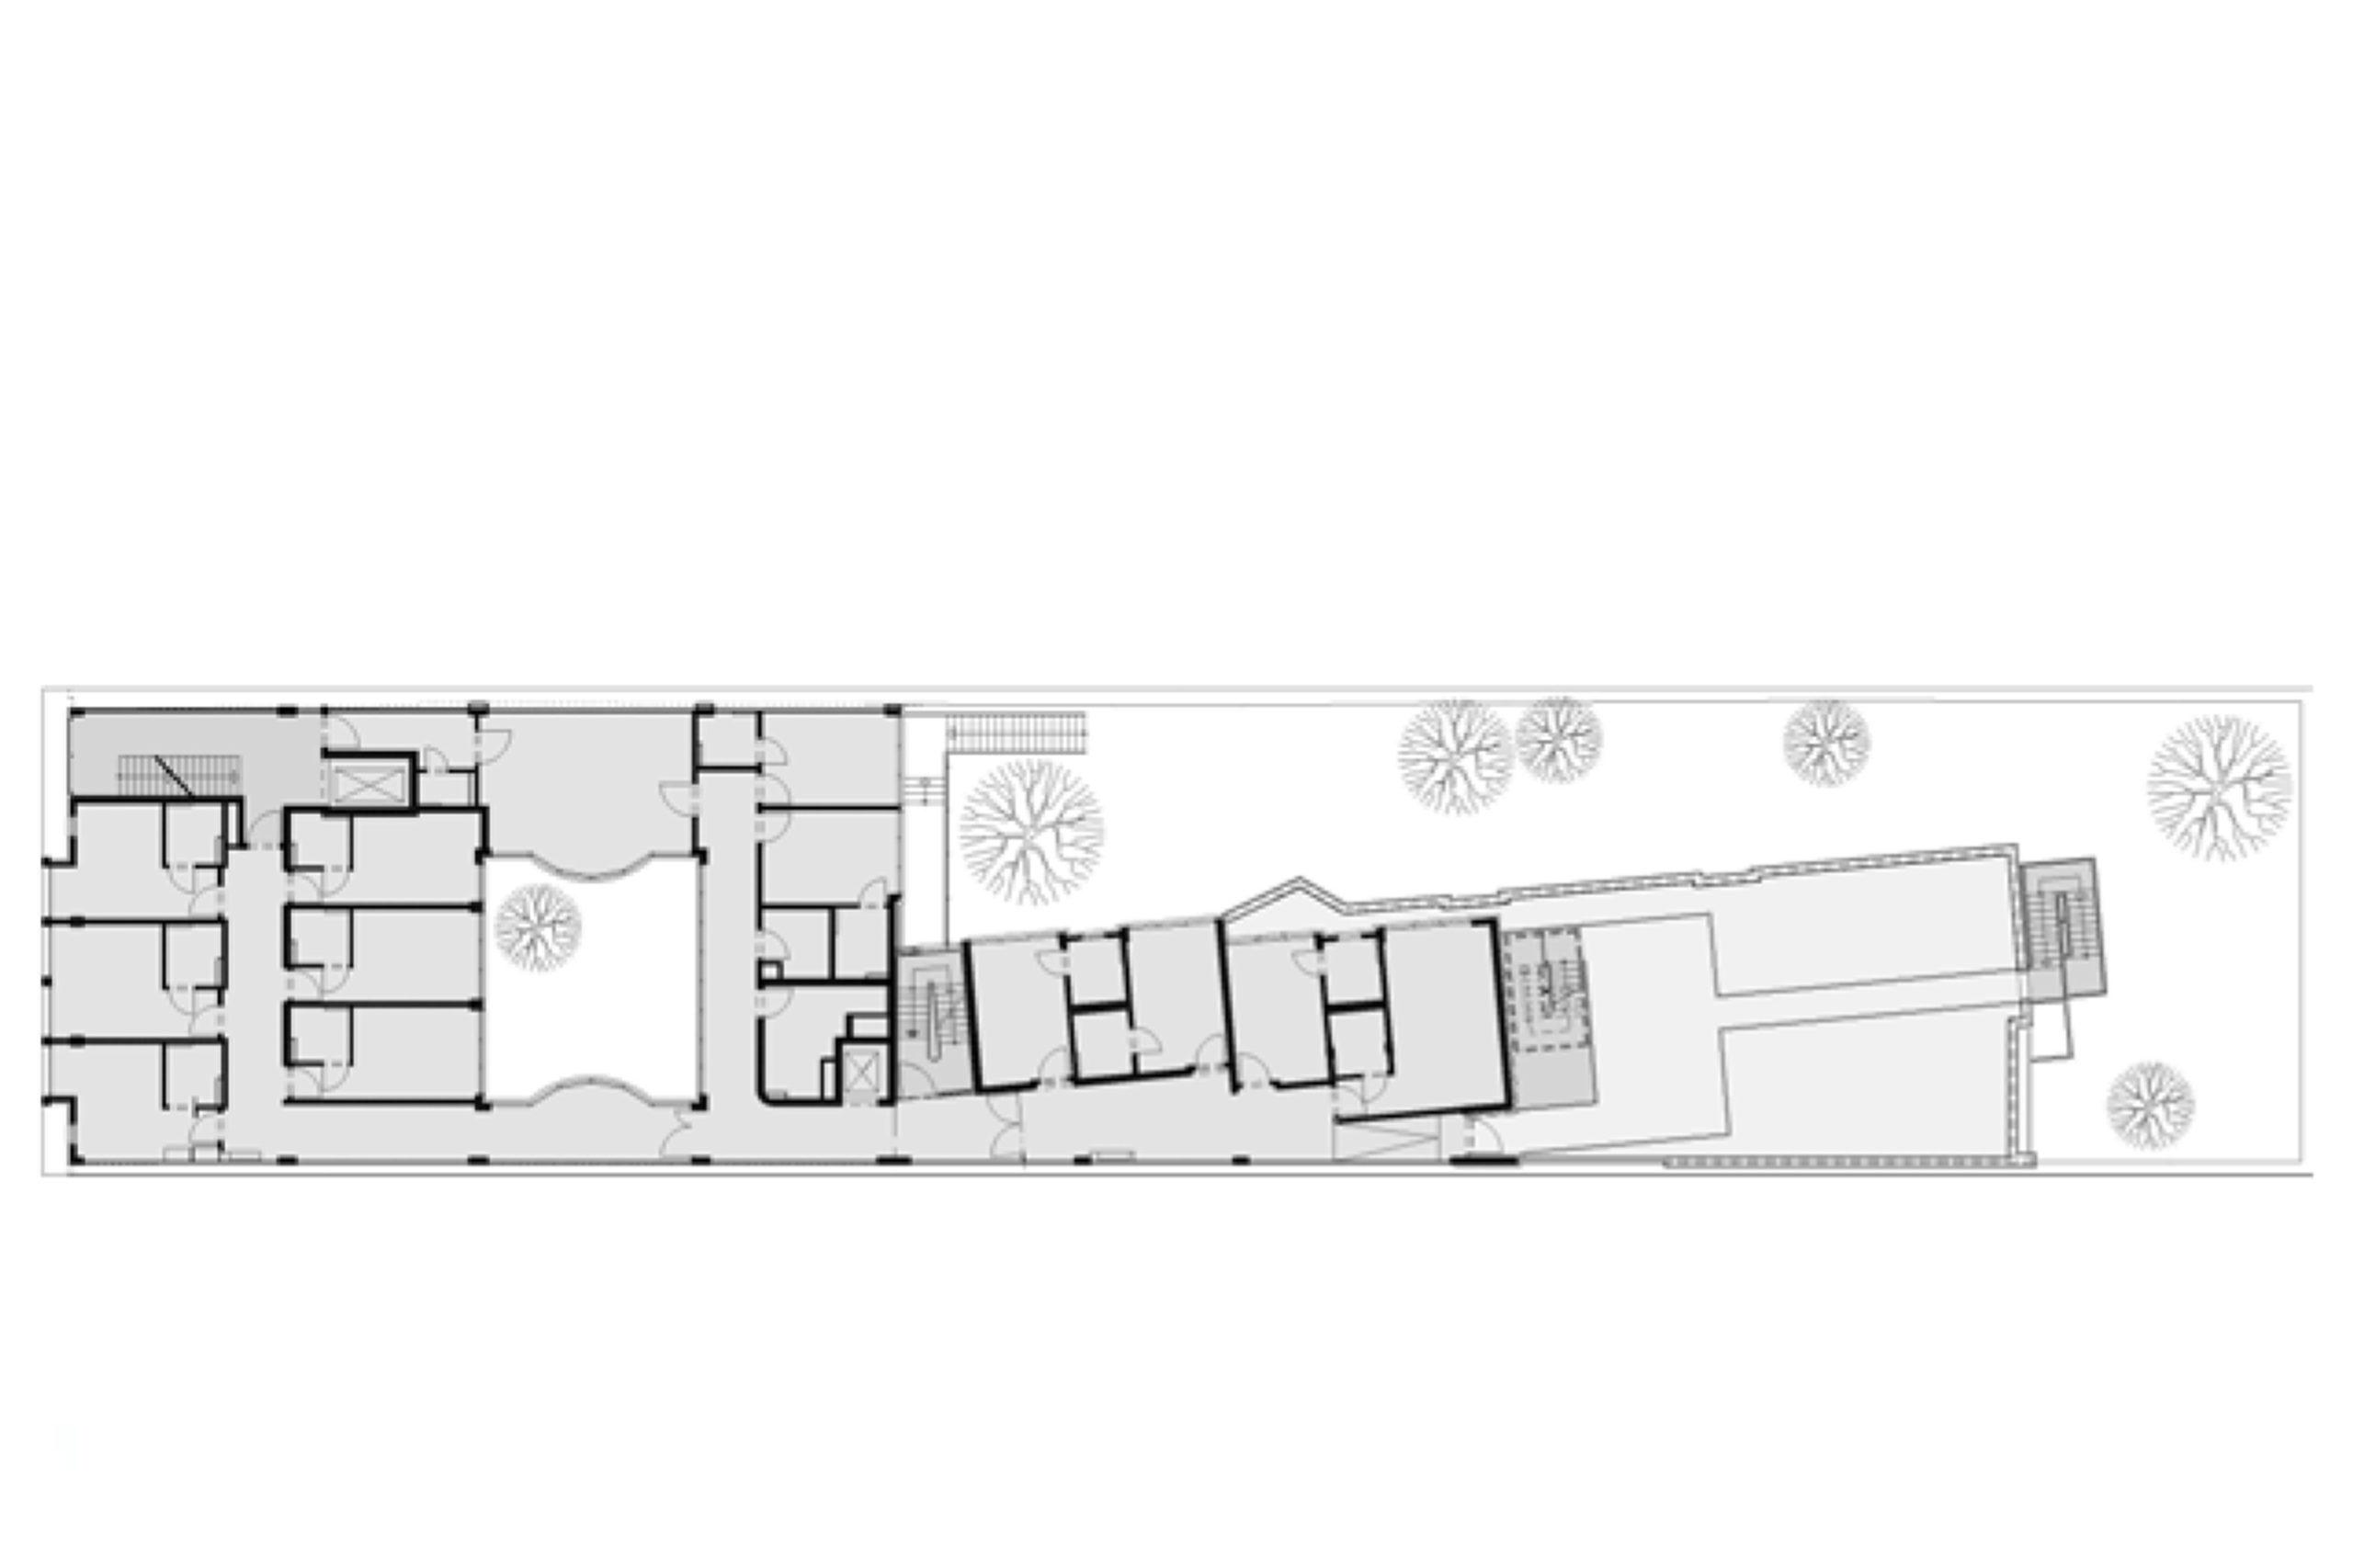 Zimmermann Architekten+ Aachen I Aachen, Seniorenzentrum Heilig Geist * für Offis GmbH